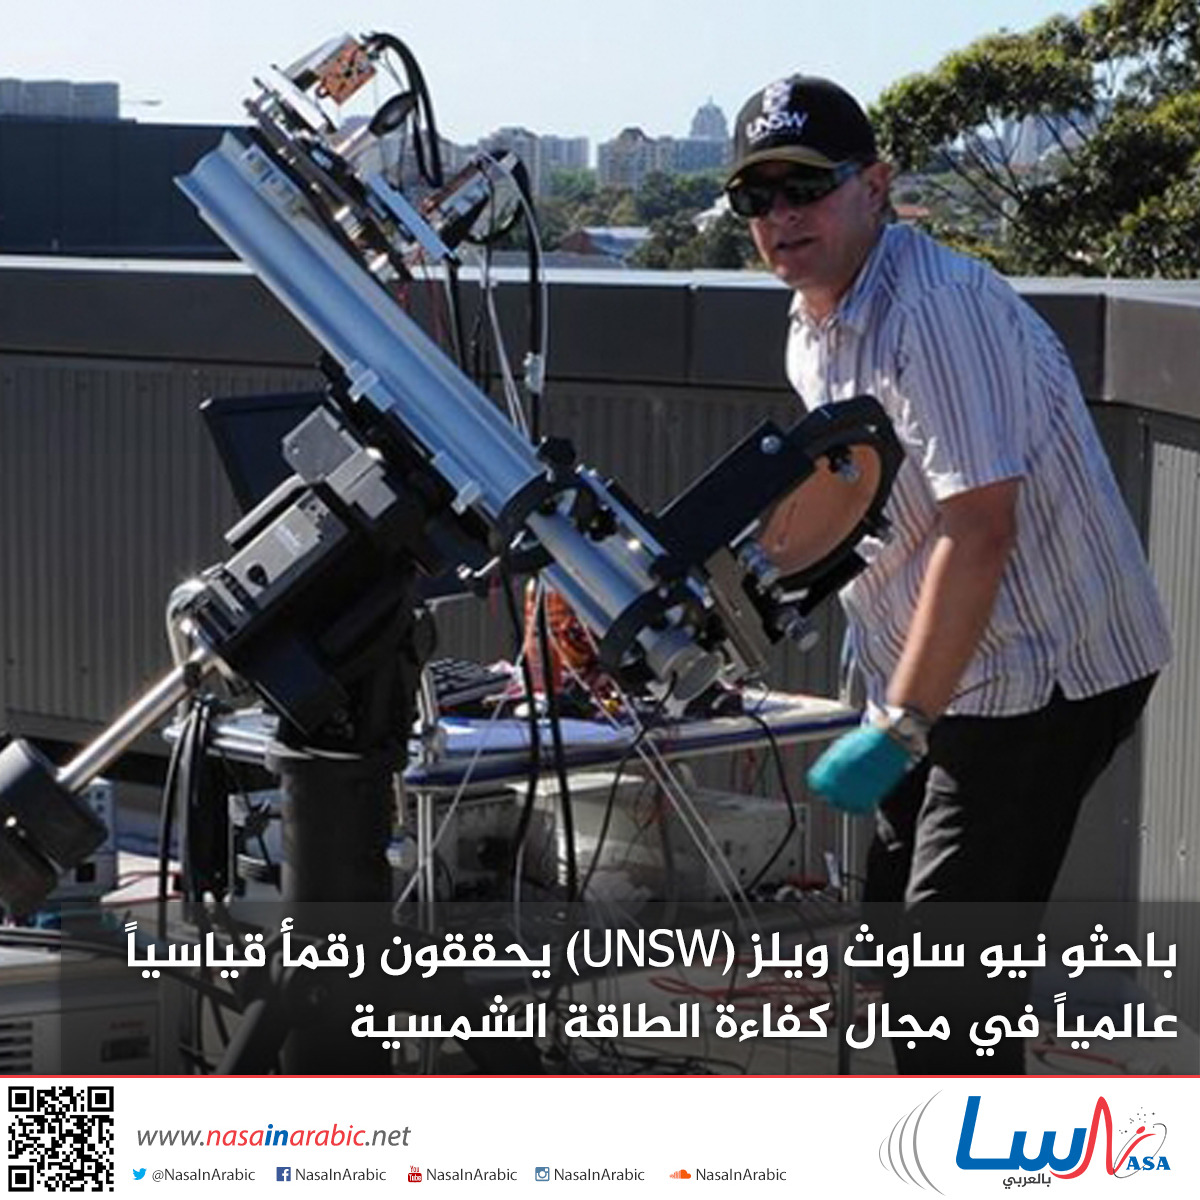 باحثو نيو ساوث ويلز (UNSW) يحققون رقمأً قياسياً عالمياً في مجال كفاءة الطاقة الشمسية